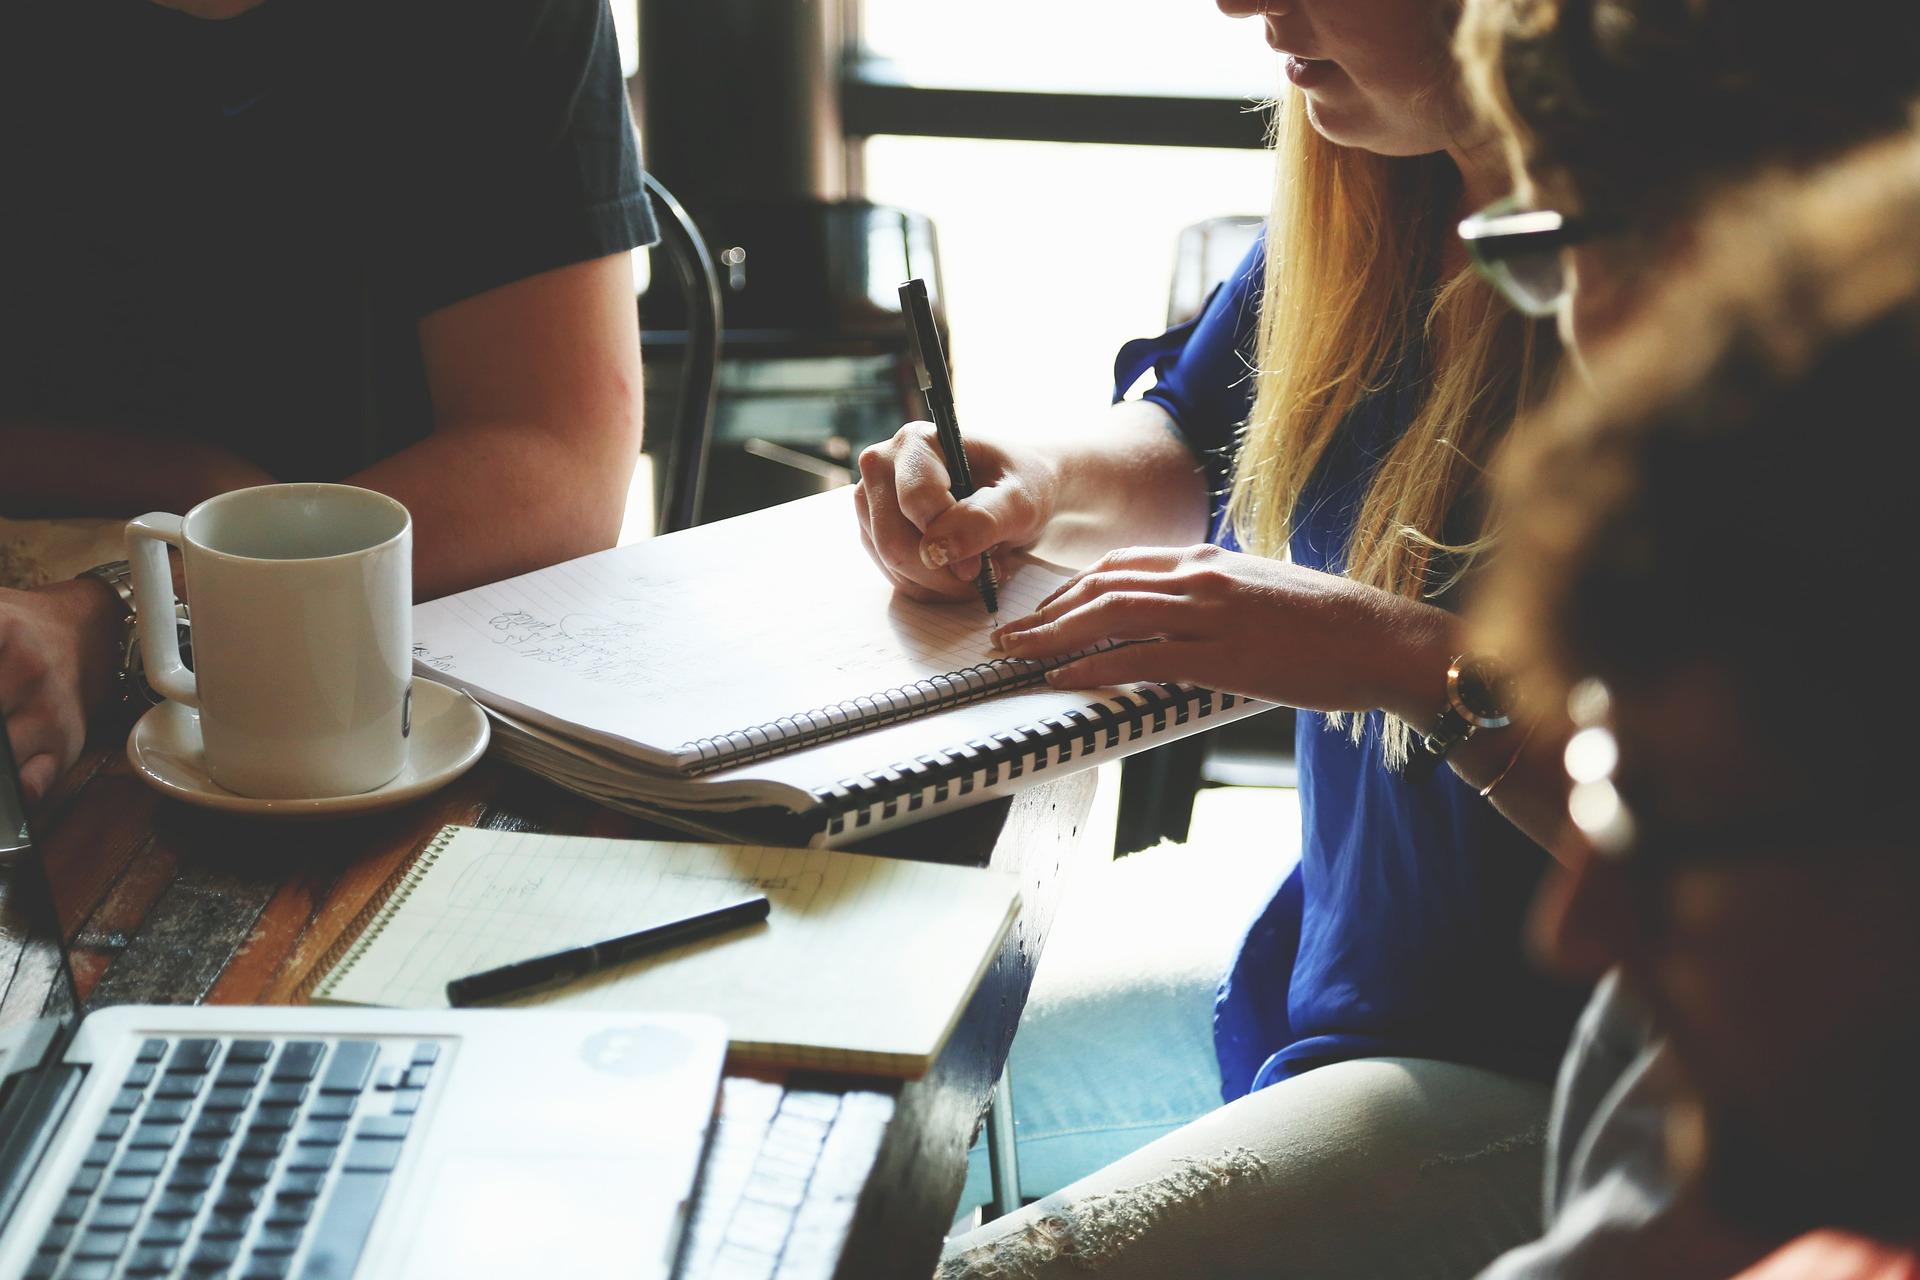 atelier coup de pouce conférence webinaire femme entrepreneure leader manager gestion organisation planification